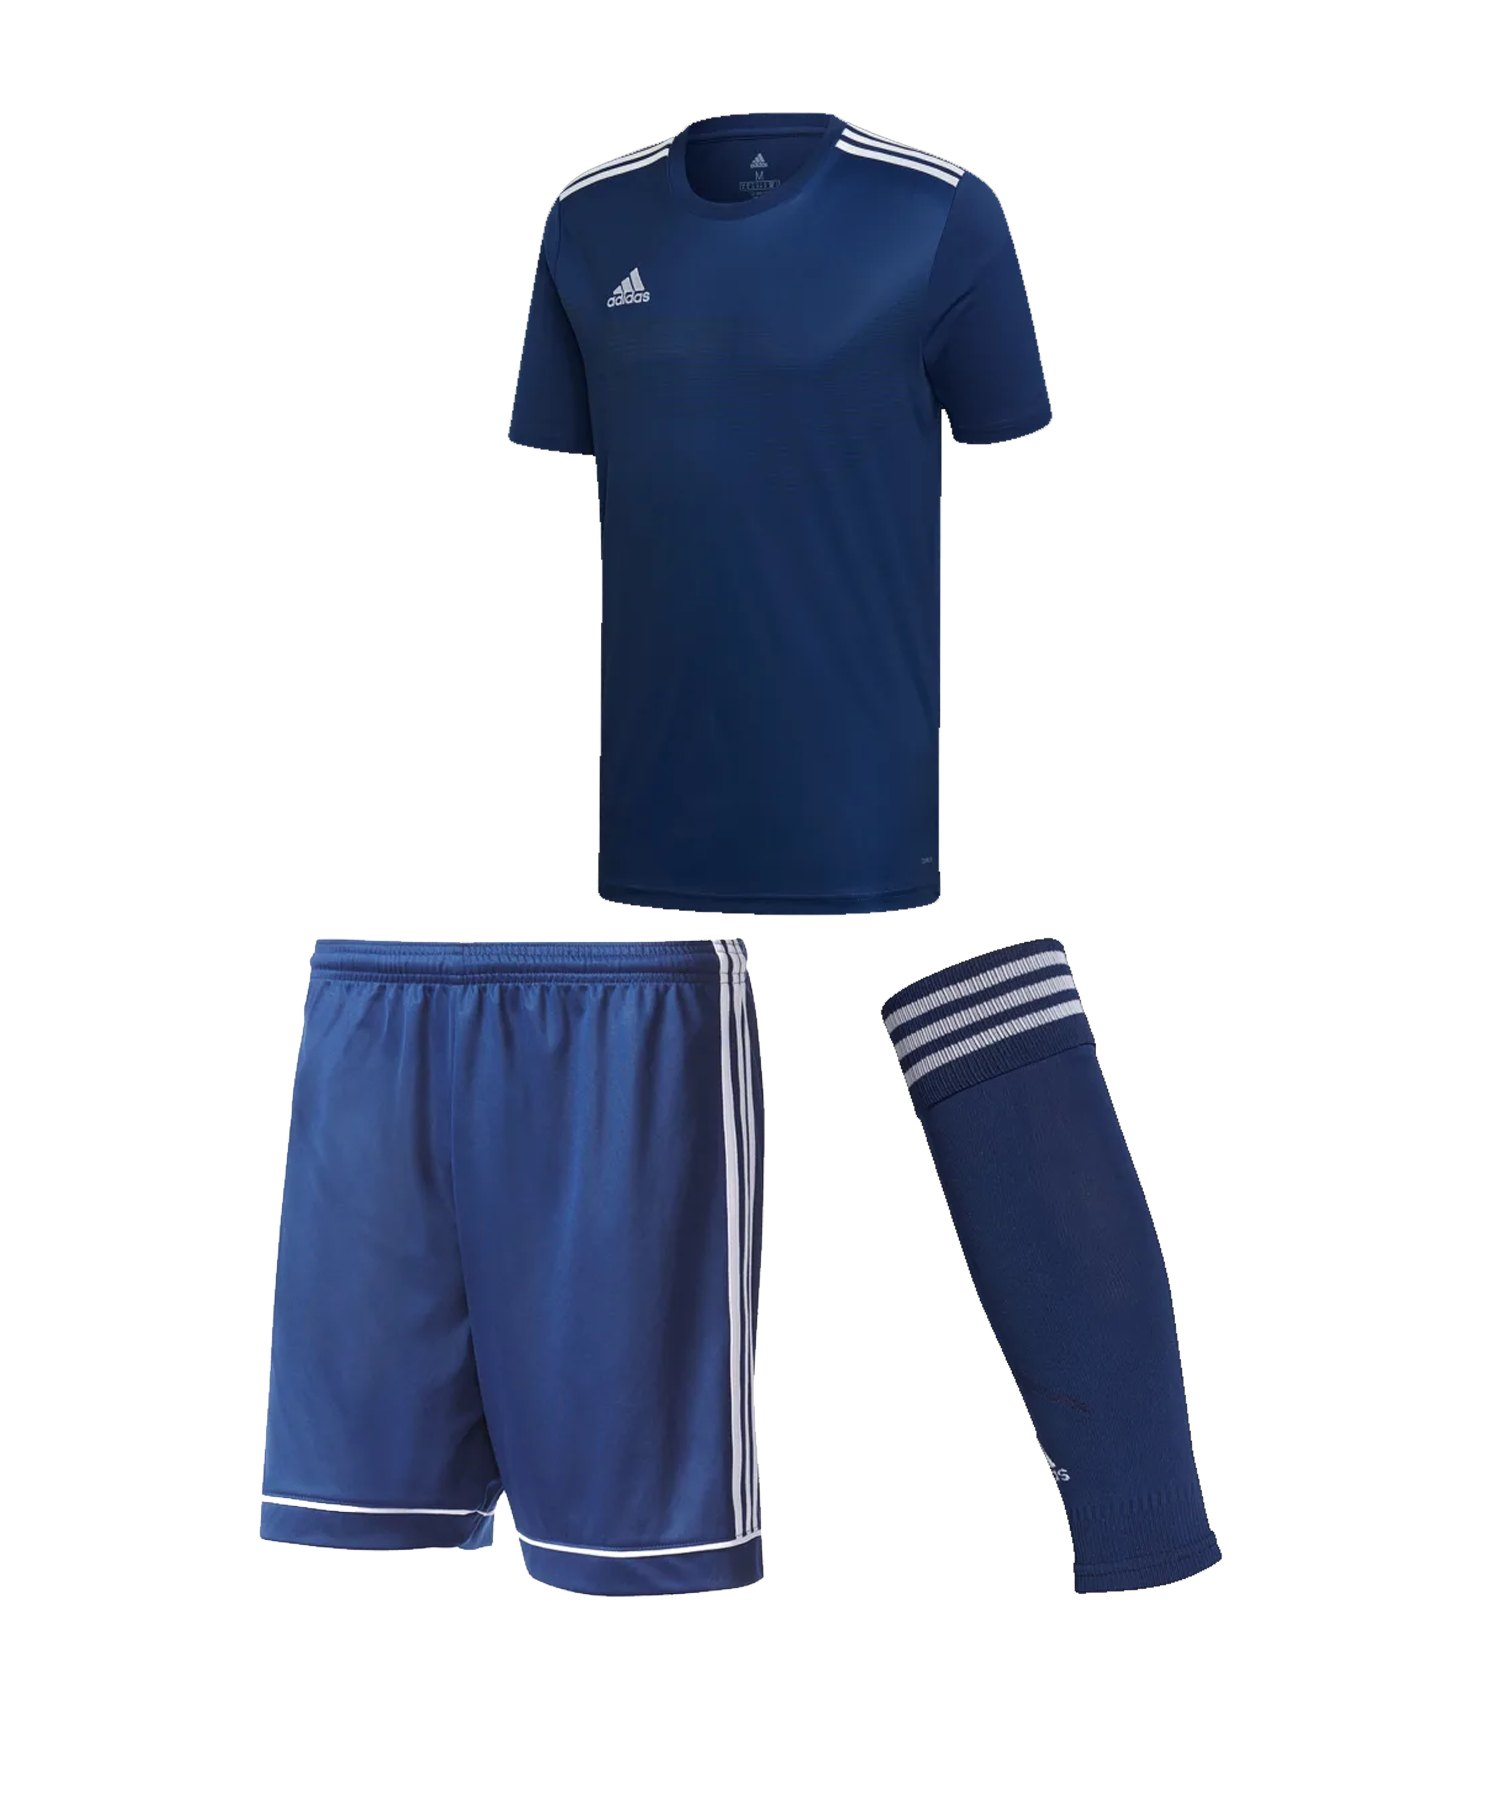 adidas Campeon 19 Trikotset Kids Dunkelblau Weiss - blau